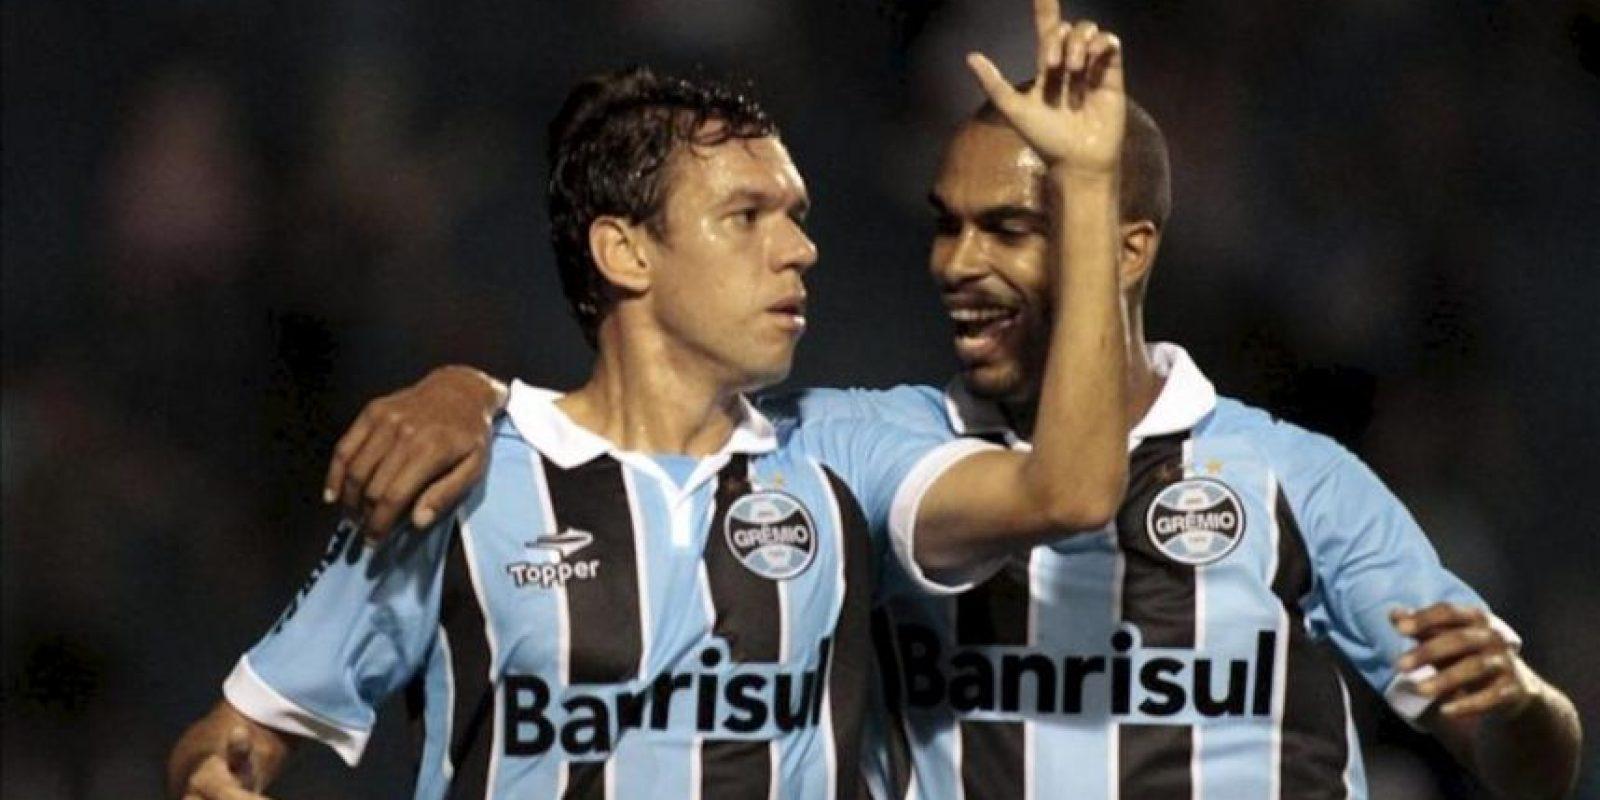 El jugador de Gremio, Marco Antonio (i), celebra con su compañero Naldo después de anotar contra Millonarios durante un juego en los cuartos de final de la Copa Sudamericana en el estadio Olímpico en la ciudad de Porto Alegre en el sur de Brasil. EFE